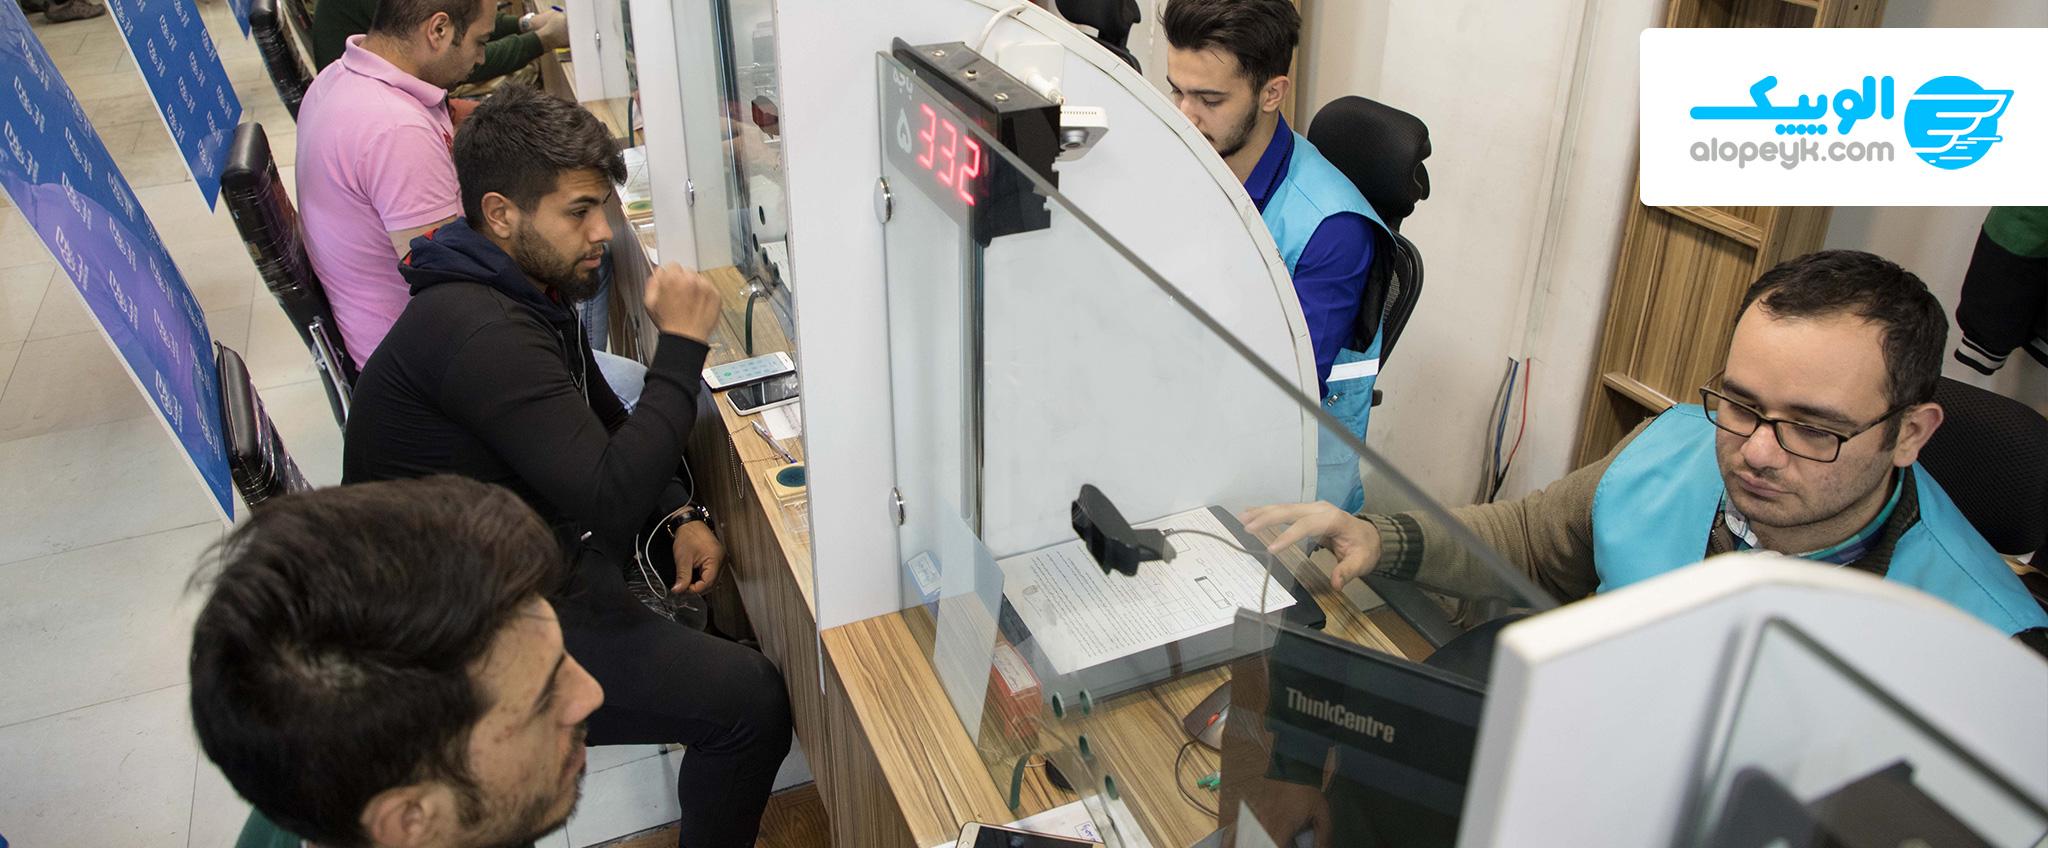 سفیران الوپیک در حال صبت نام در دفتر ثبت نام الوپیک